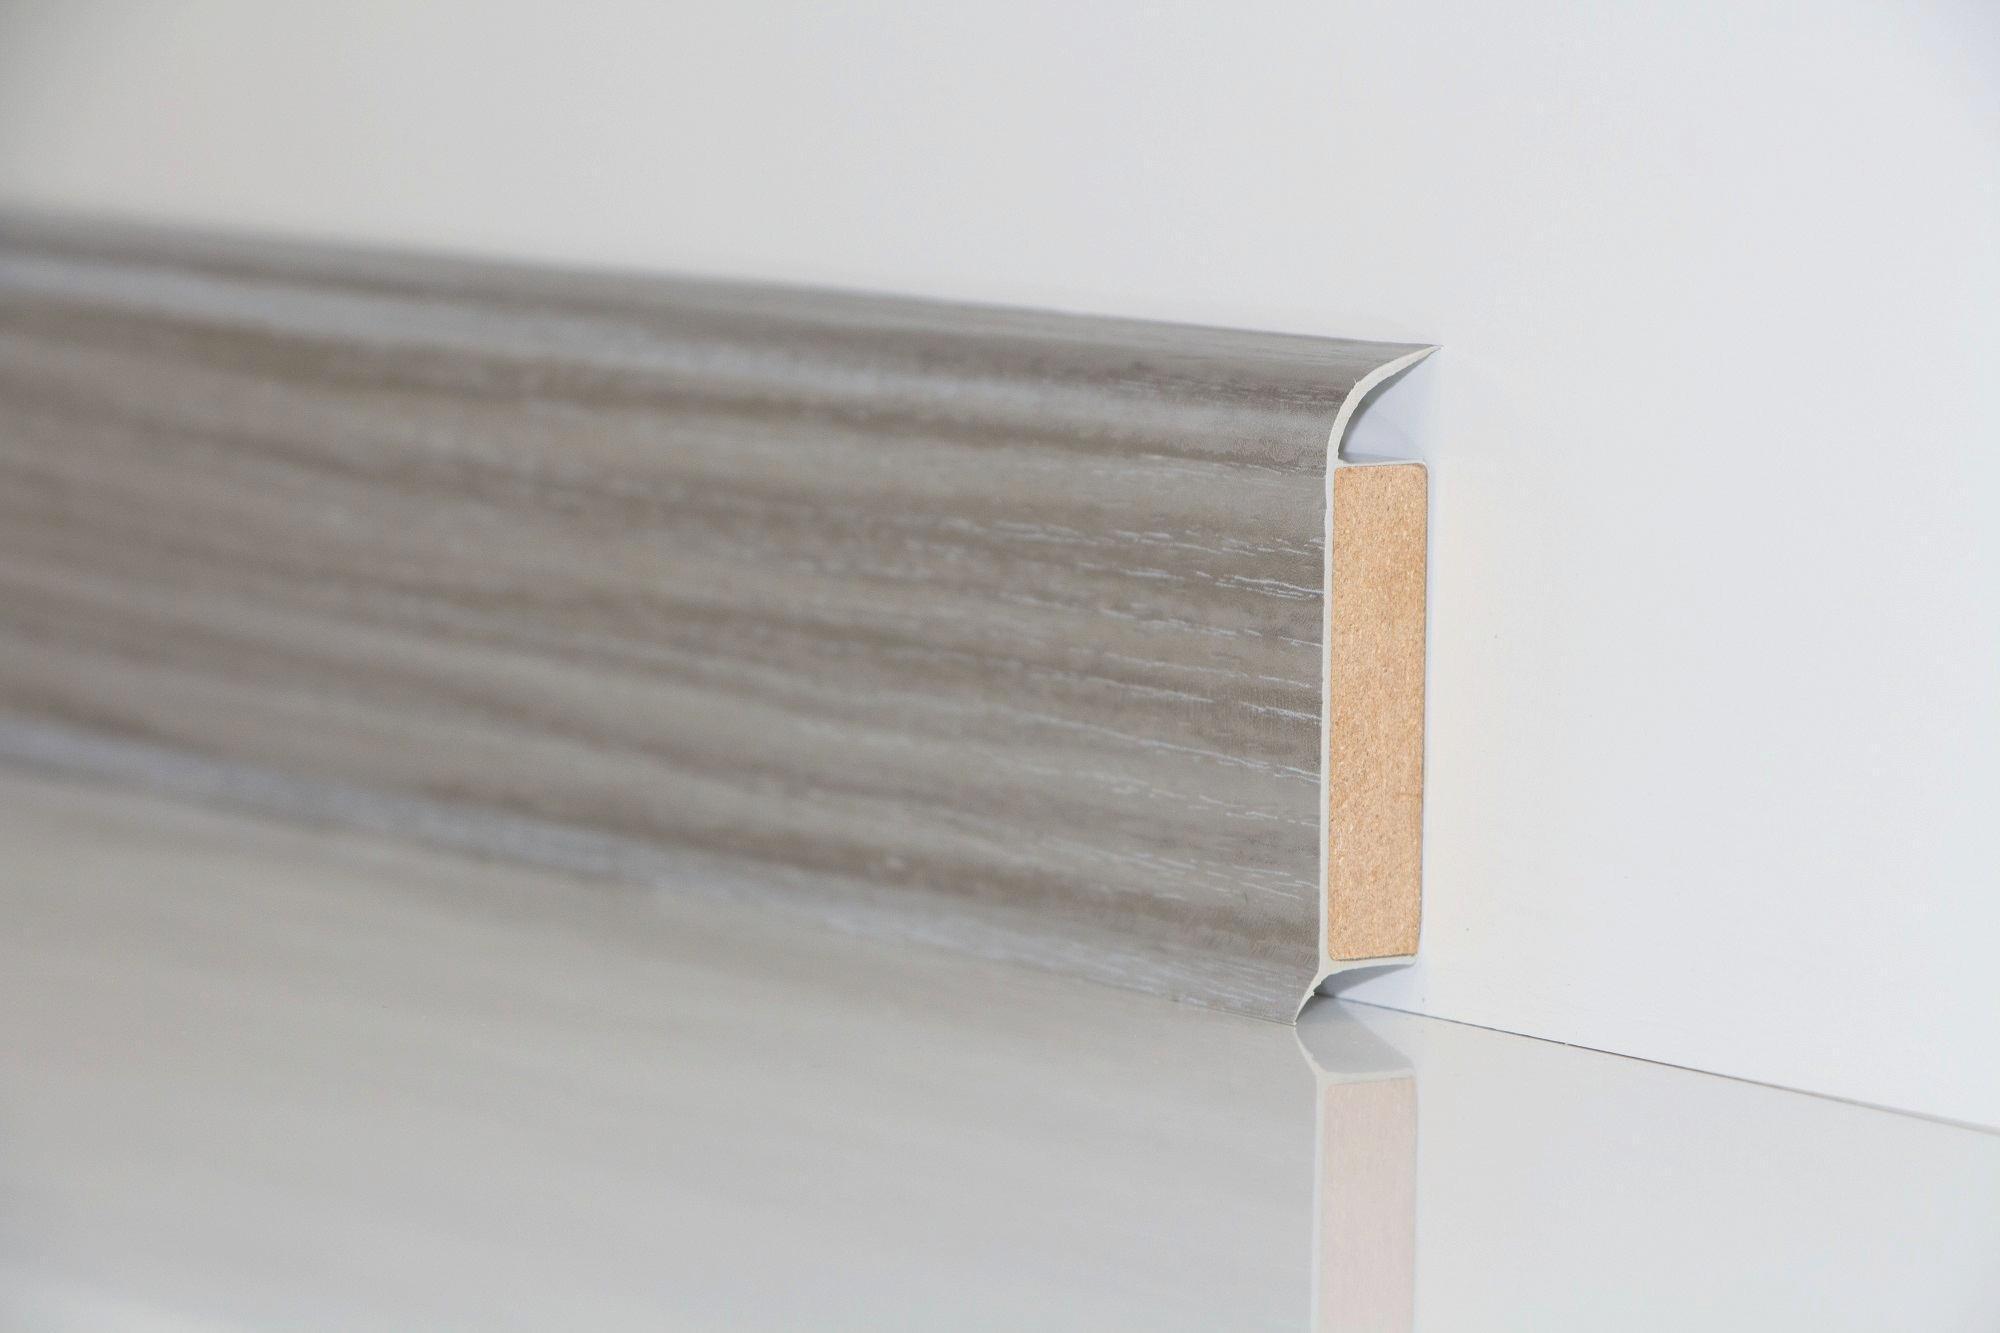 5 Stk Speedglas 9100x innere Vorsatzscheiben GüNstiger Verkauf Vorsatzscheiben Innen